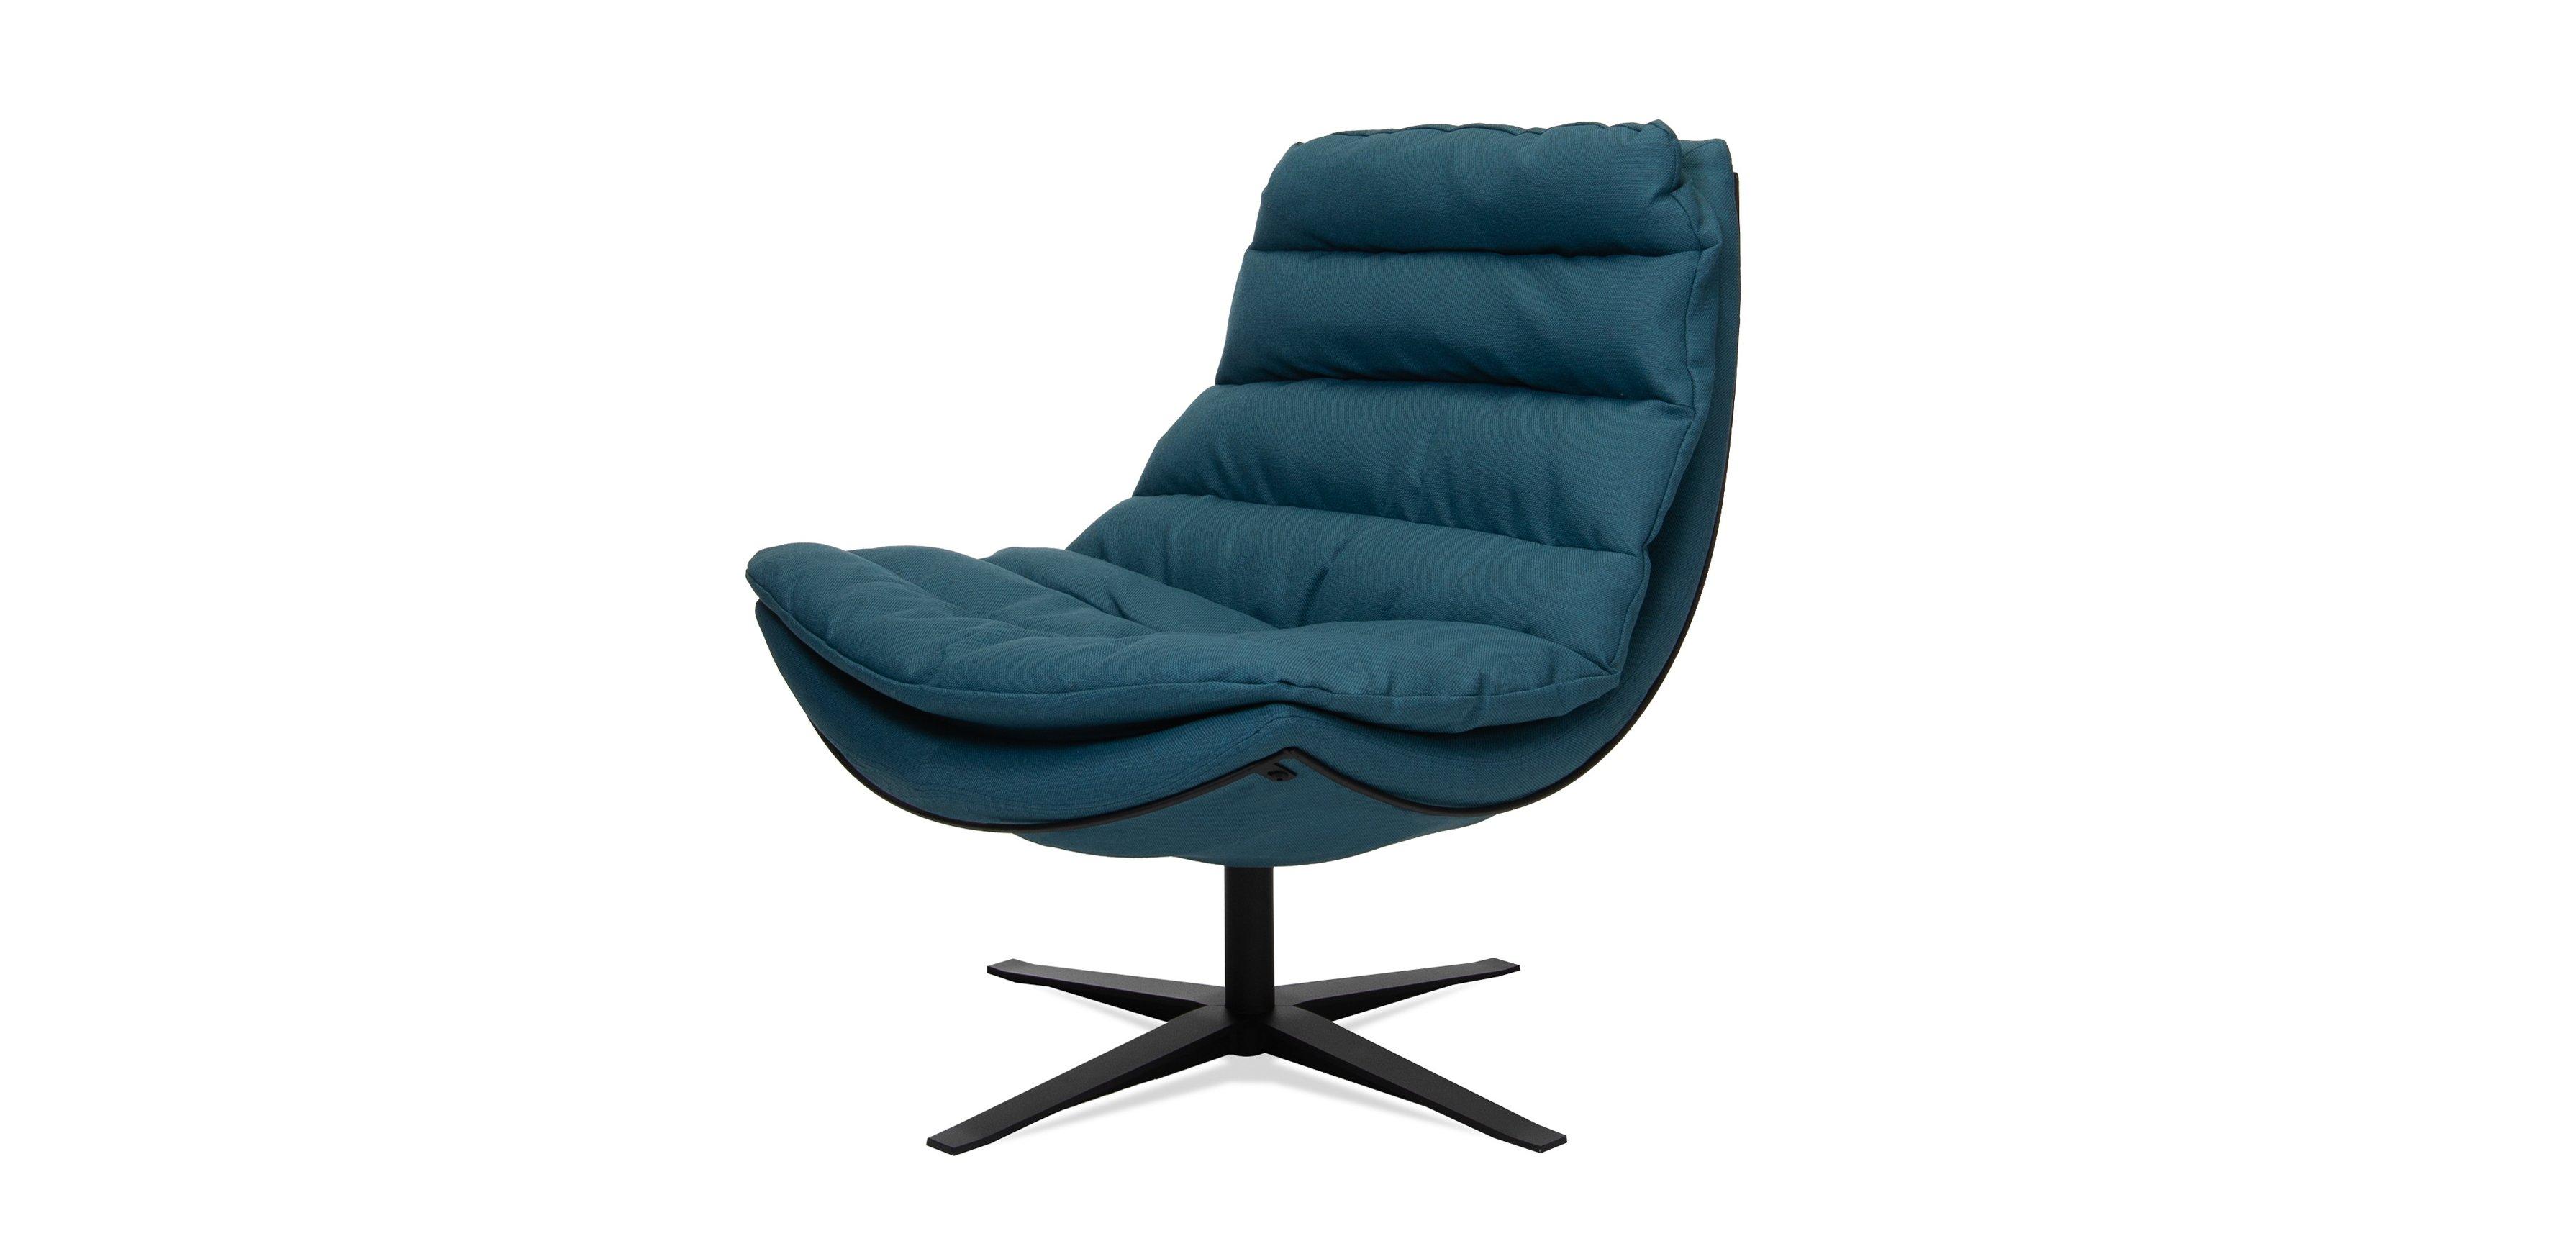 Kameraad hoog fauteuil DYYK 2